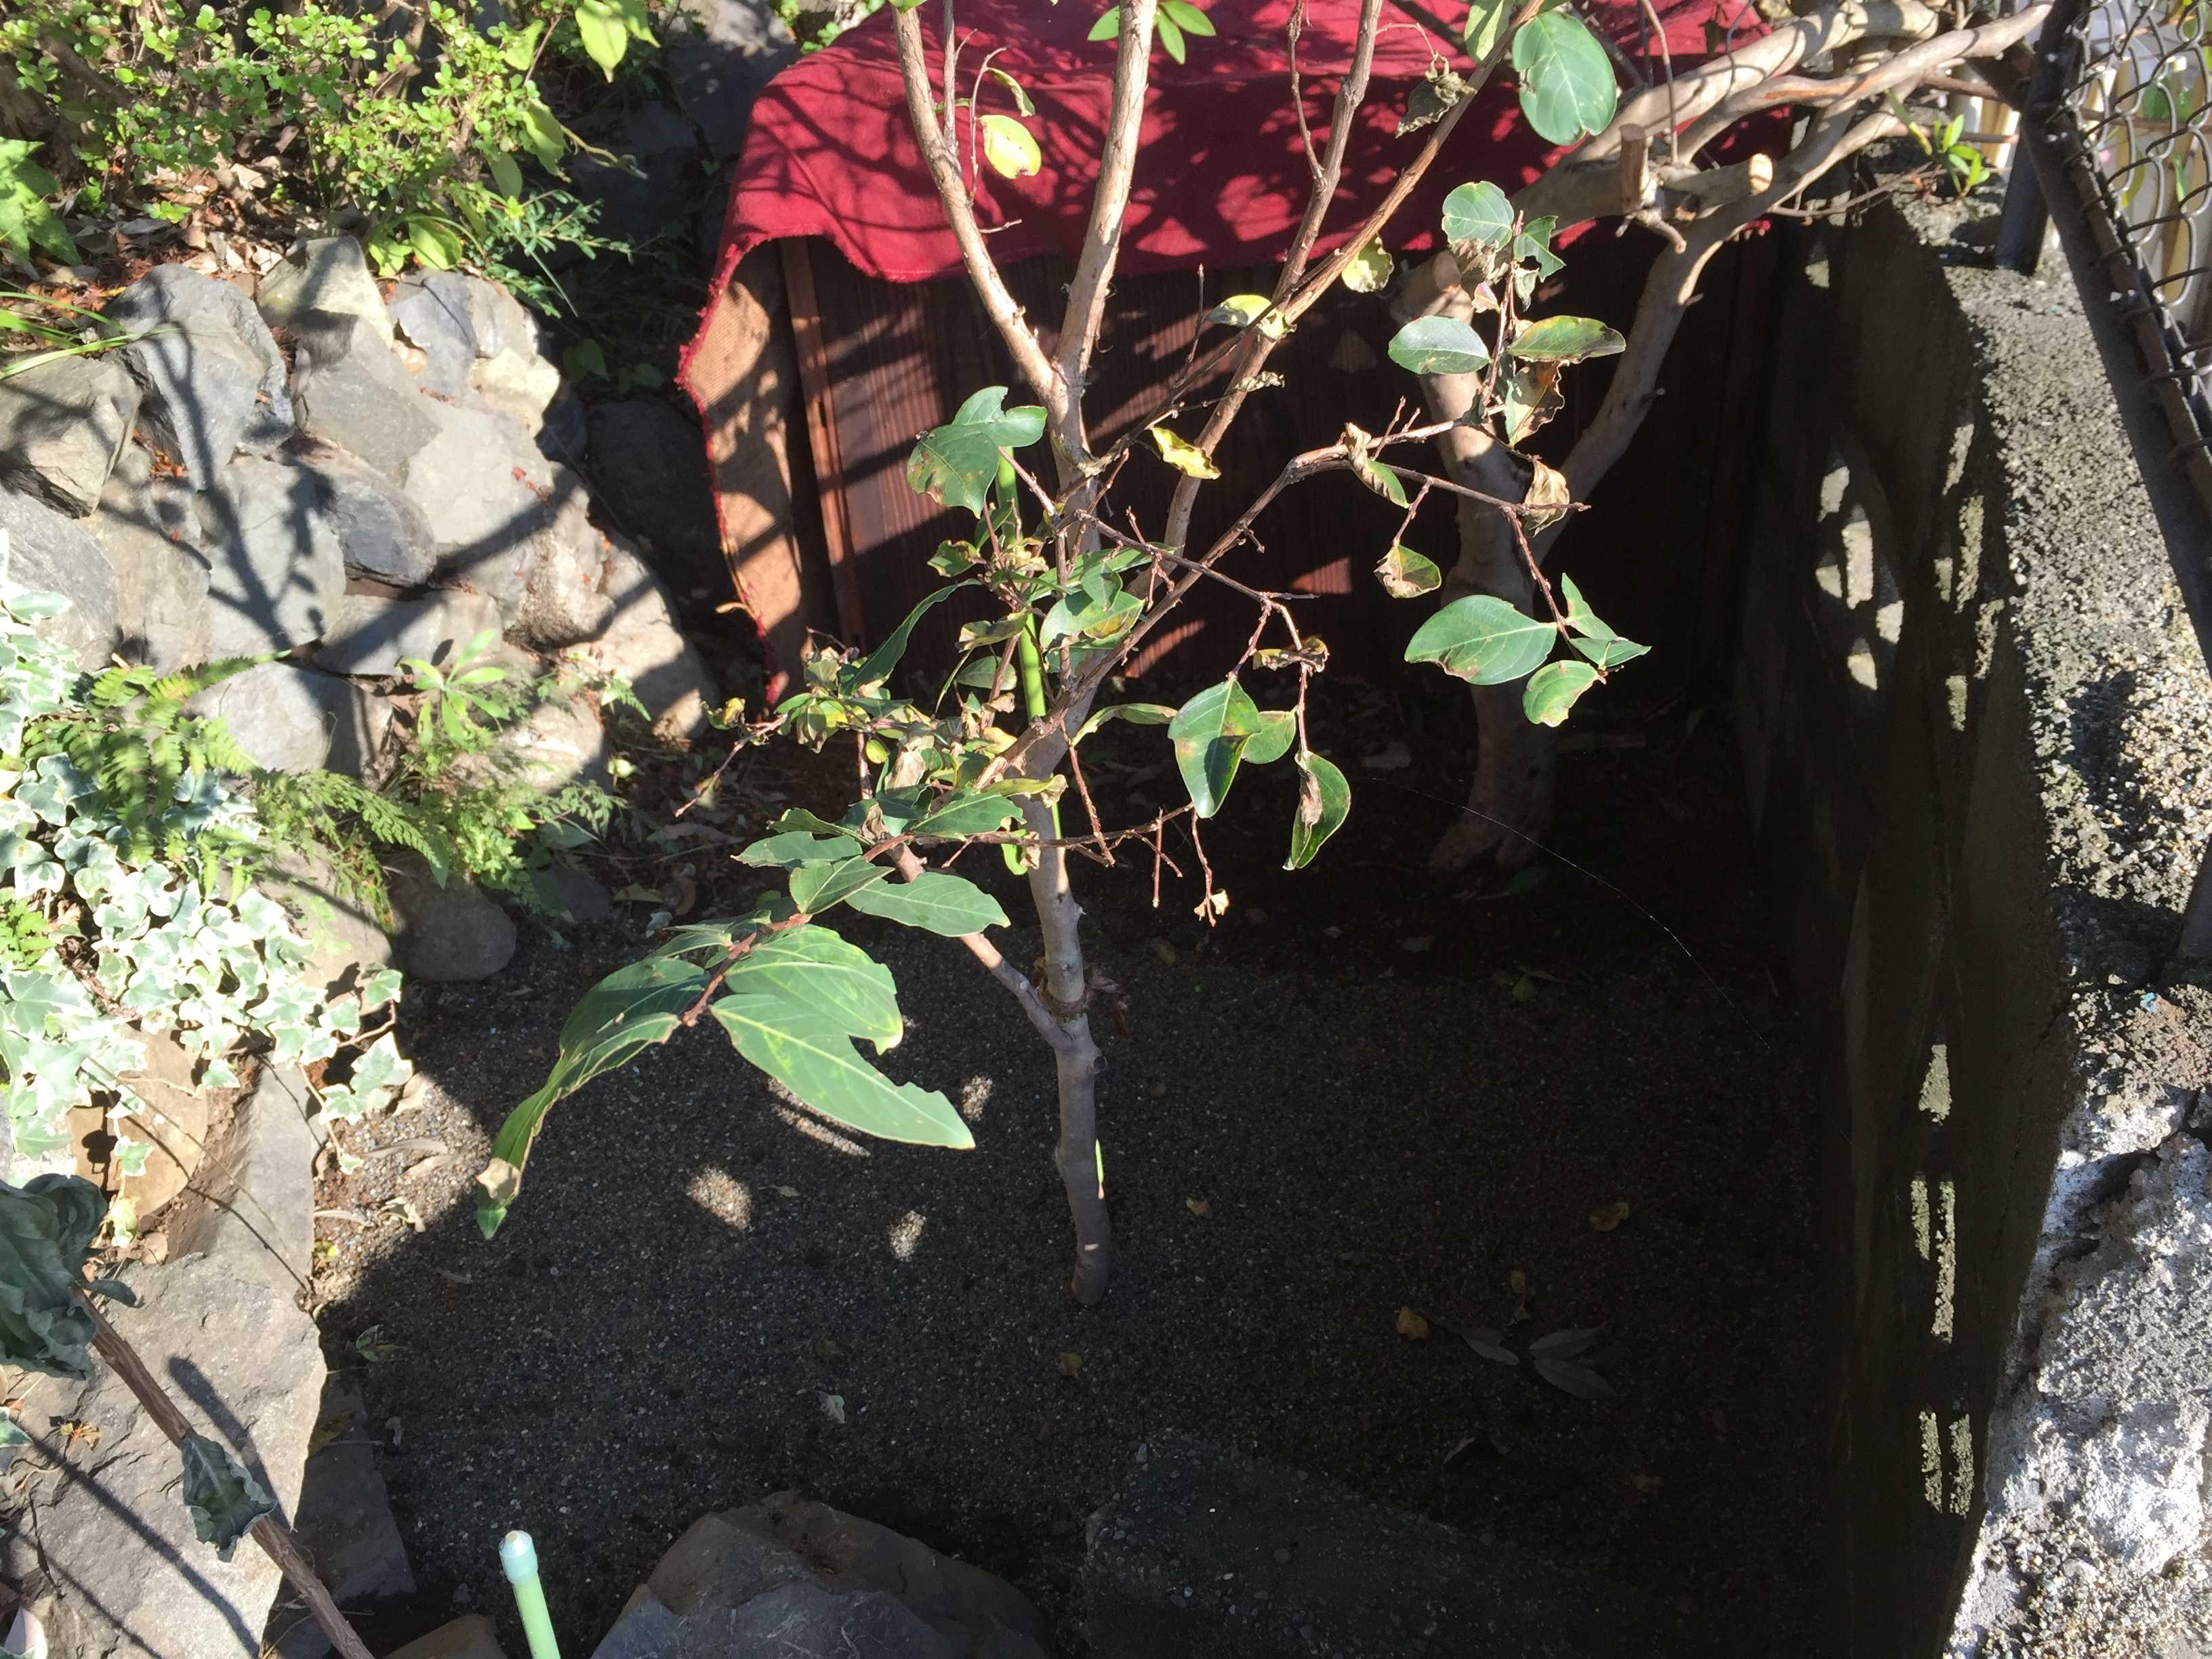 強烈に西日が当たる場所 - やまゆりの球根の植え付け